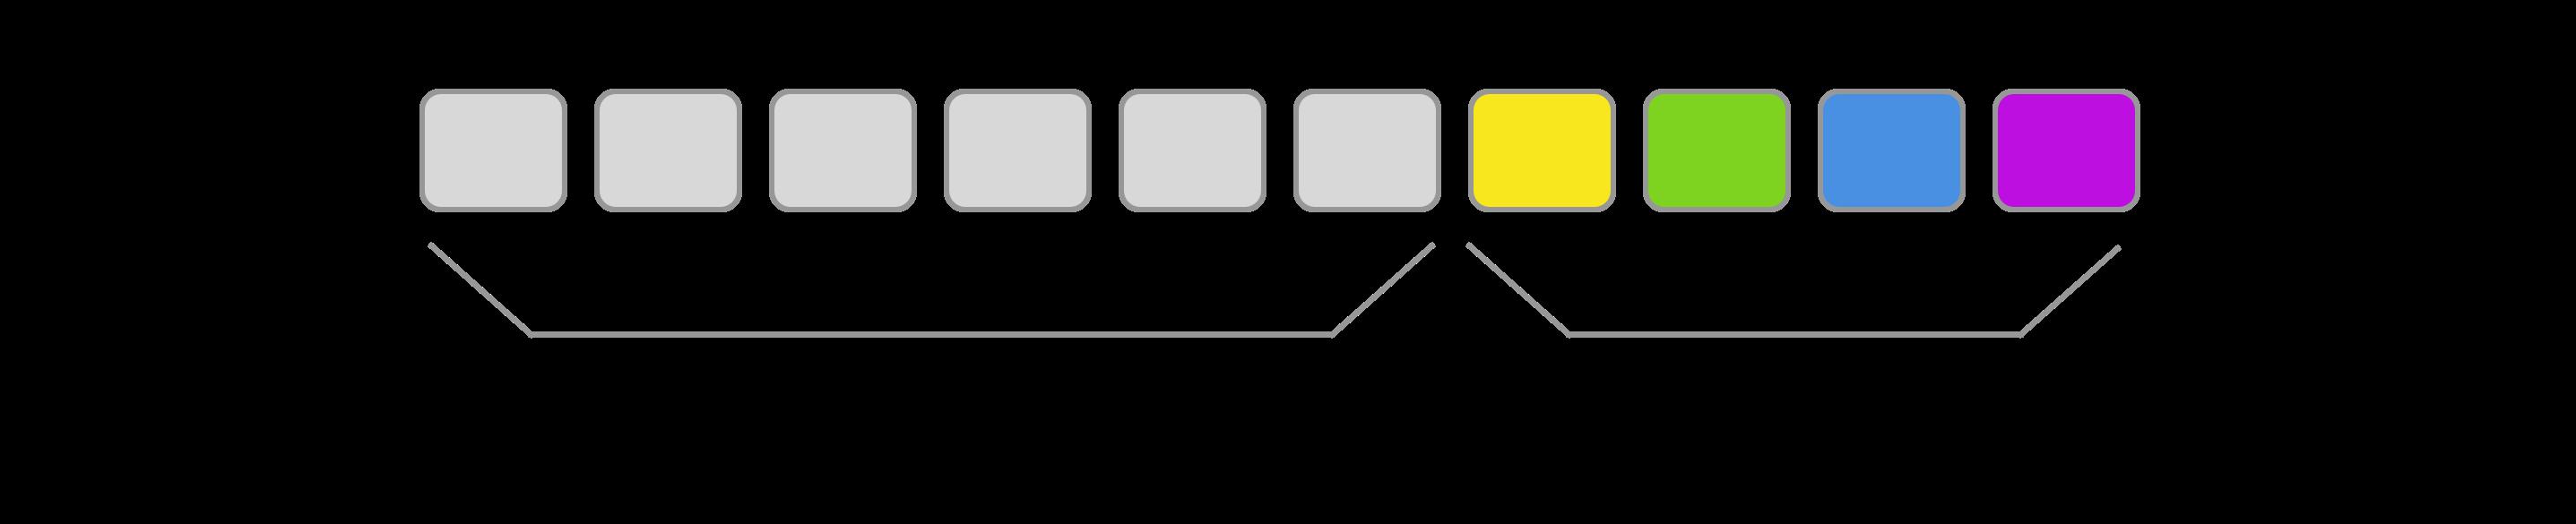 stacking_estimator